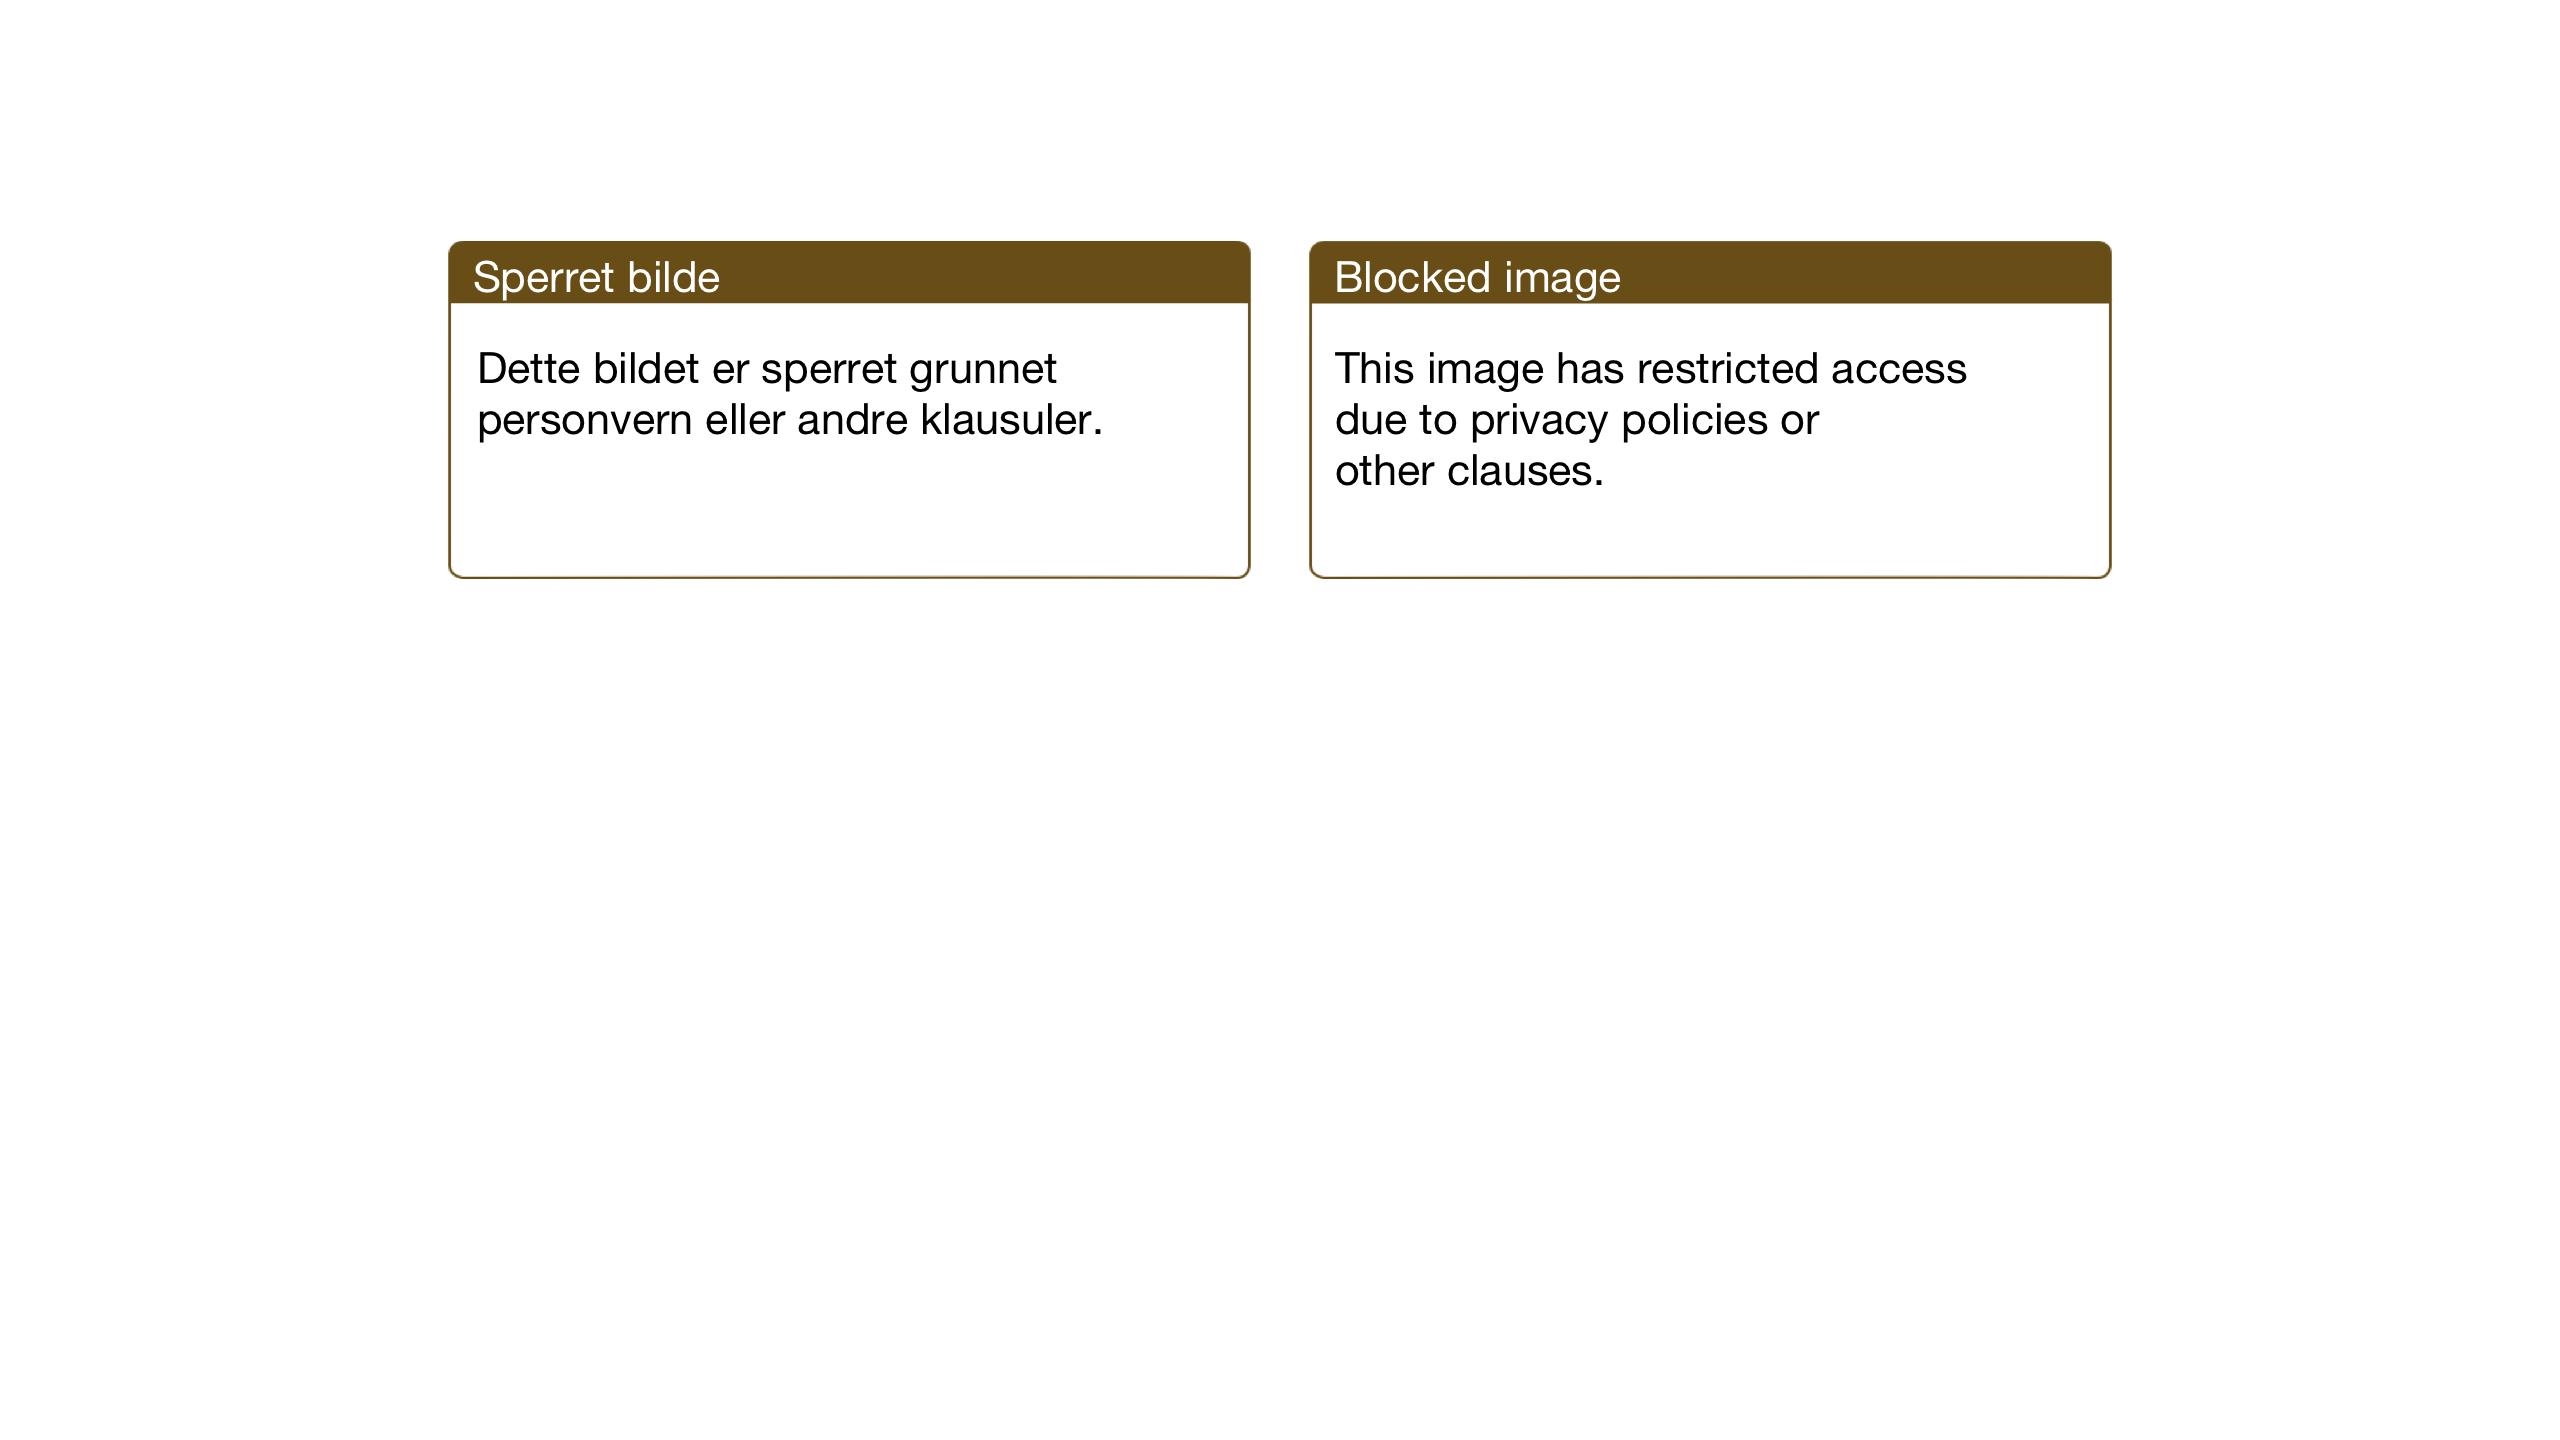 SAT, Ministerialprotokoller, klokkerbøker og fødselsregistre - Sør-Trøndelag, 606/L0315: Klokkerbok nr. 606C11, 1938-1947, s. 63